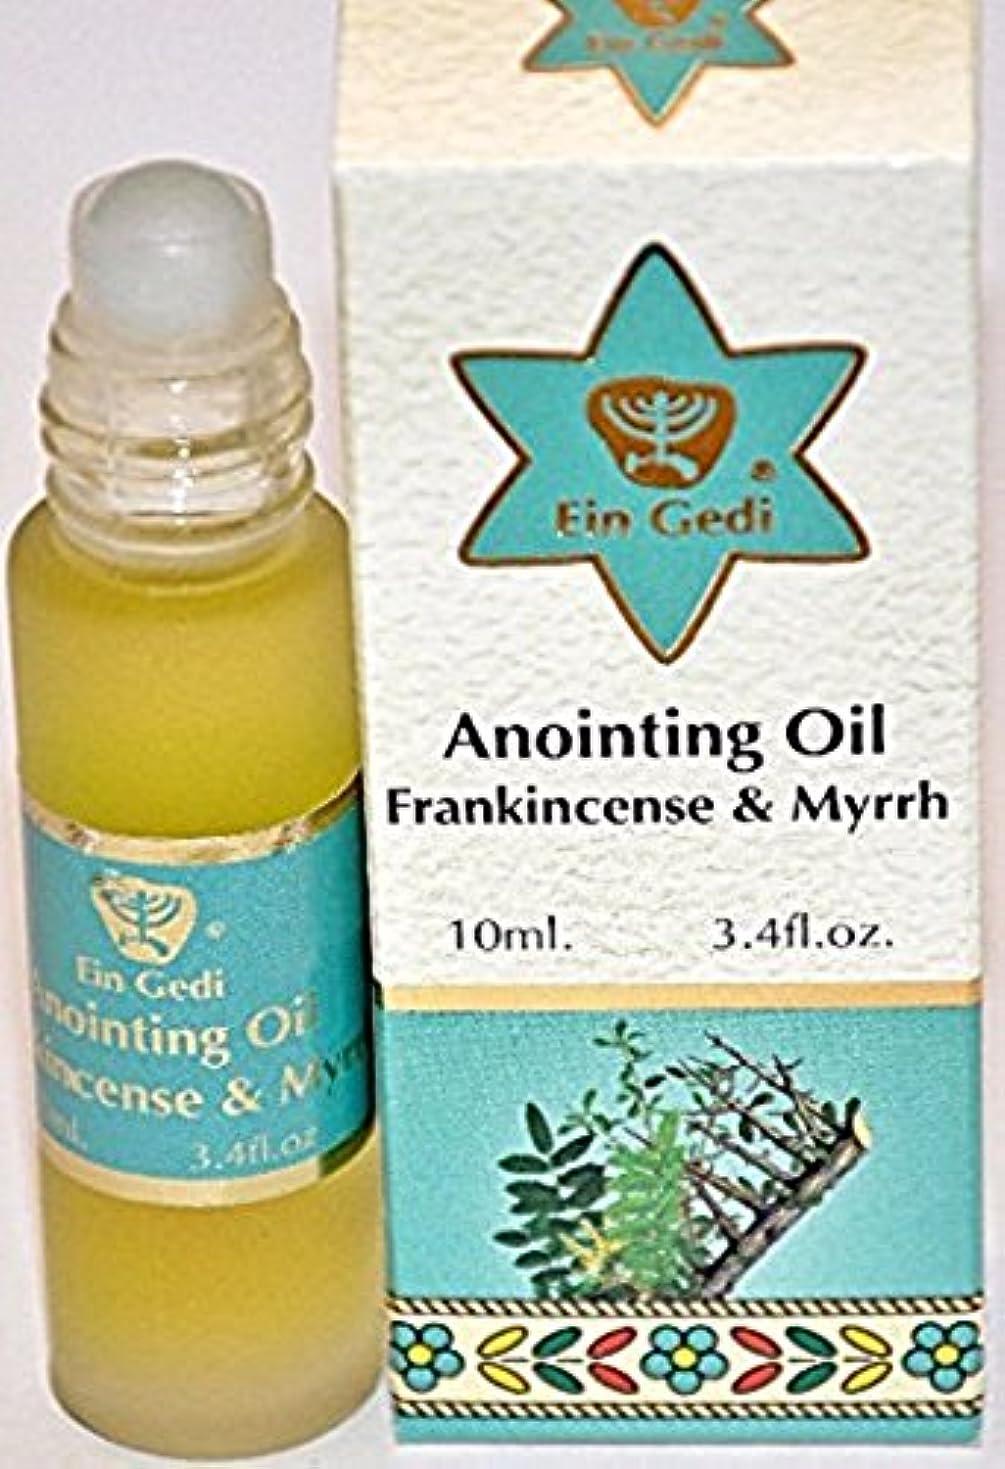 創傷近く家庭教師Frankincense and Myrrh Roll On Anointing Oil with Biblicalスパイス10 ml byベツレヘムギフトTM